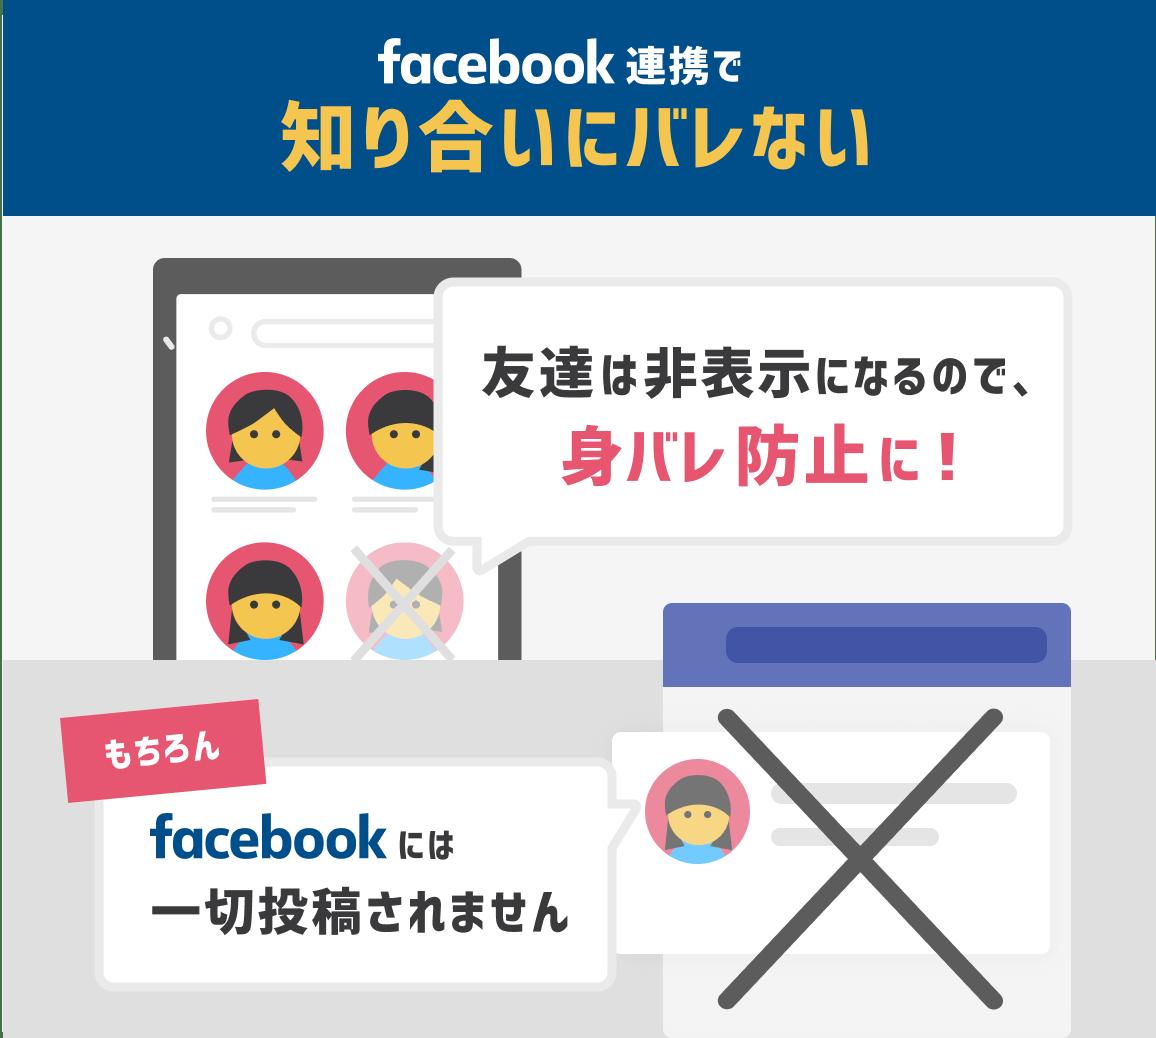 Facebook 身バレ防止